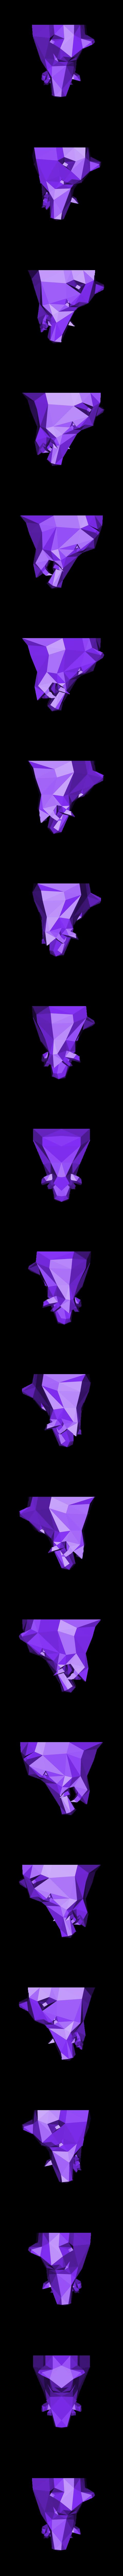 boars_head-hollow.stl Download 3DS file Boar Head Low Poly • 3D print model, Skazok